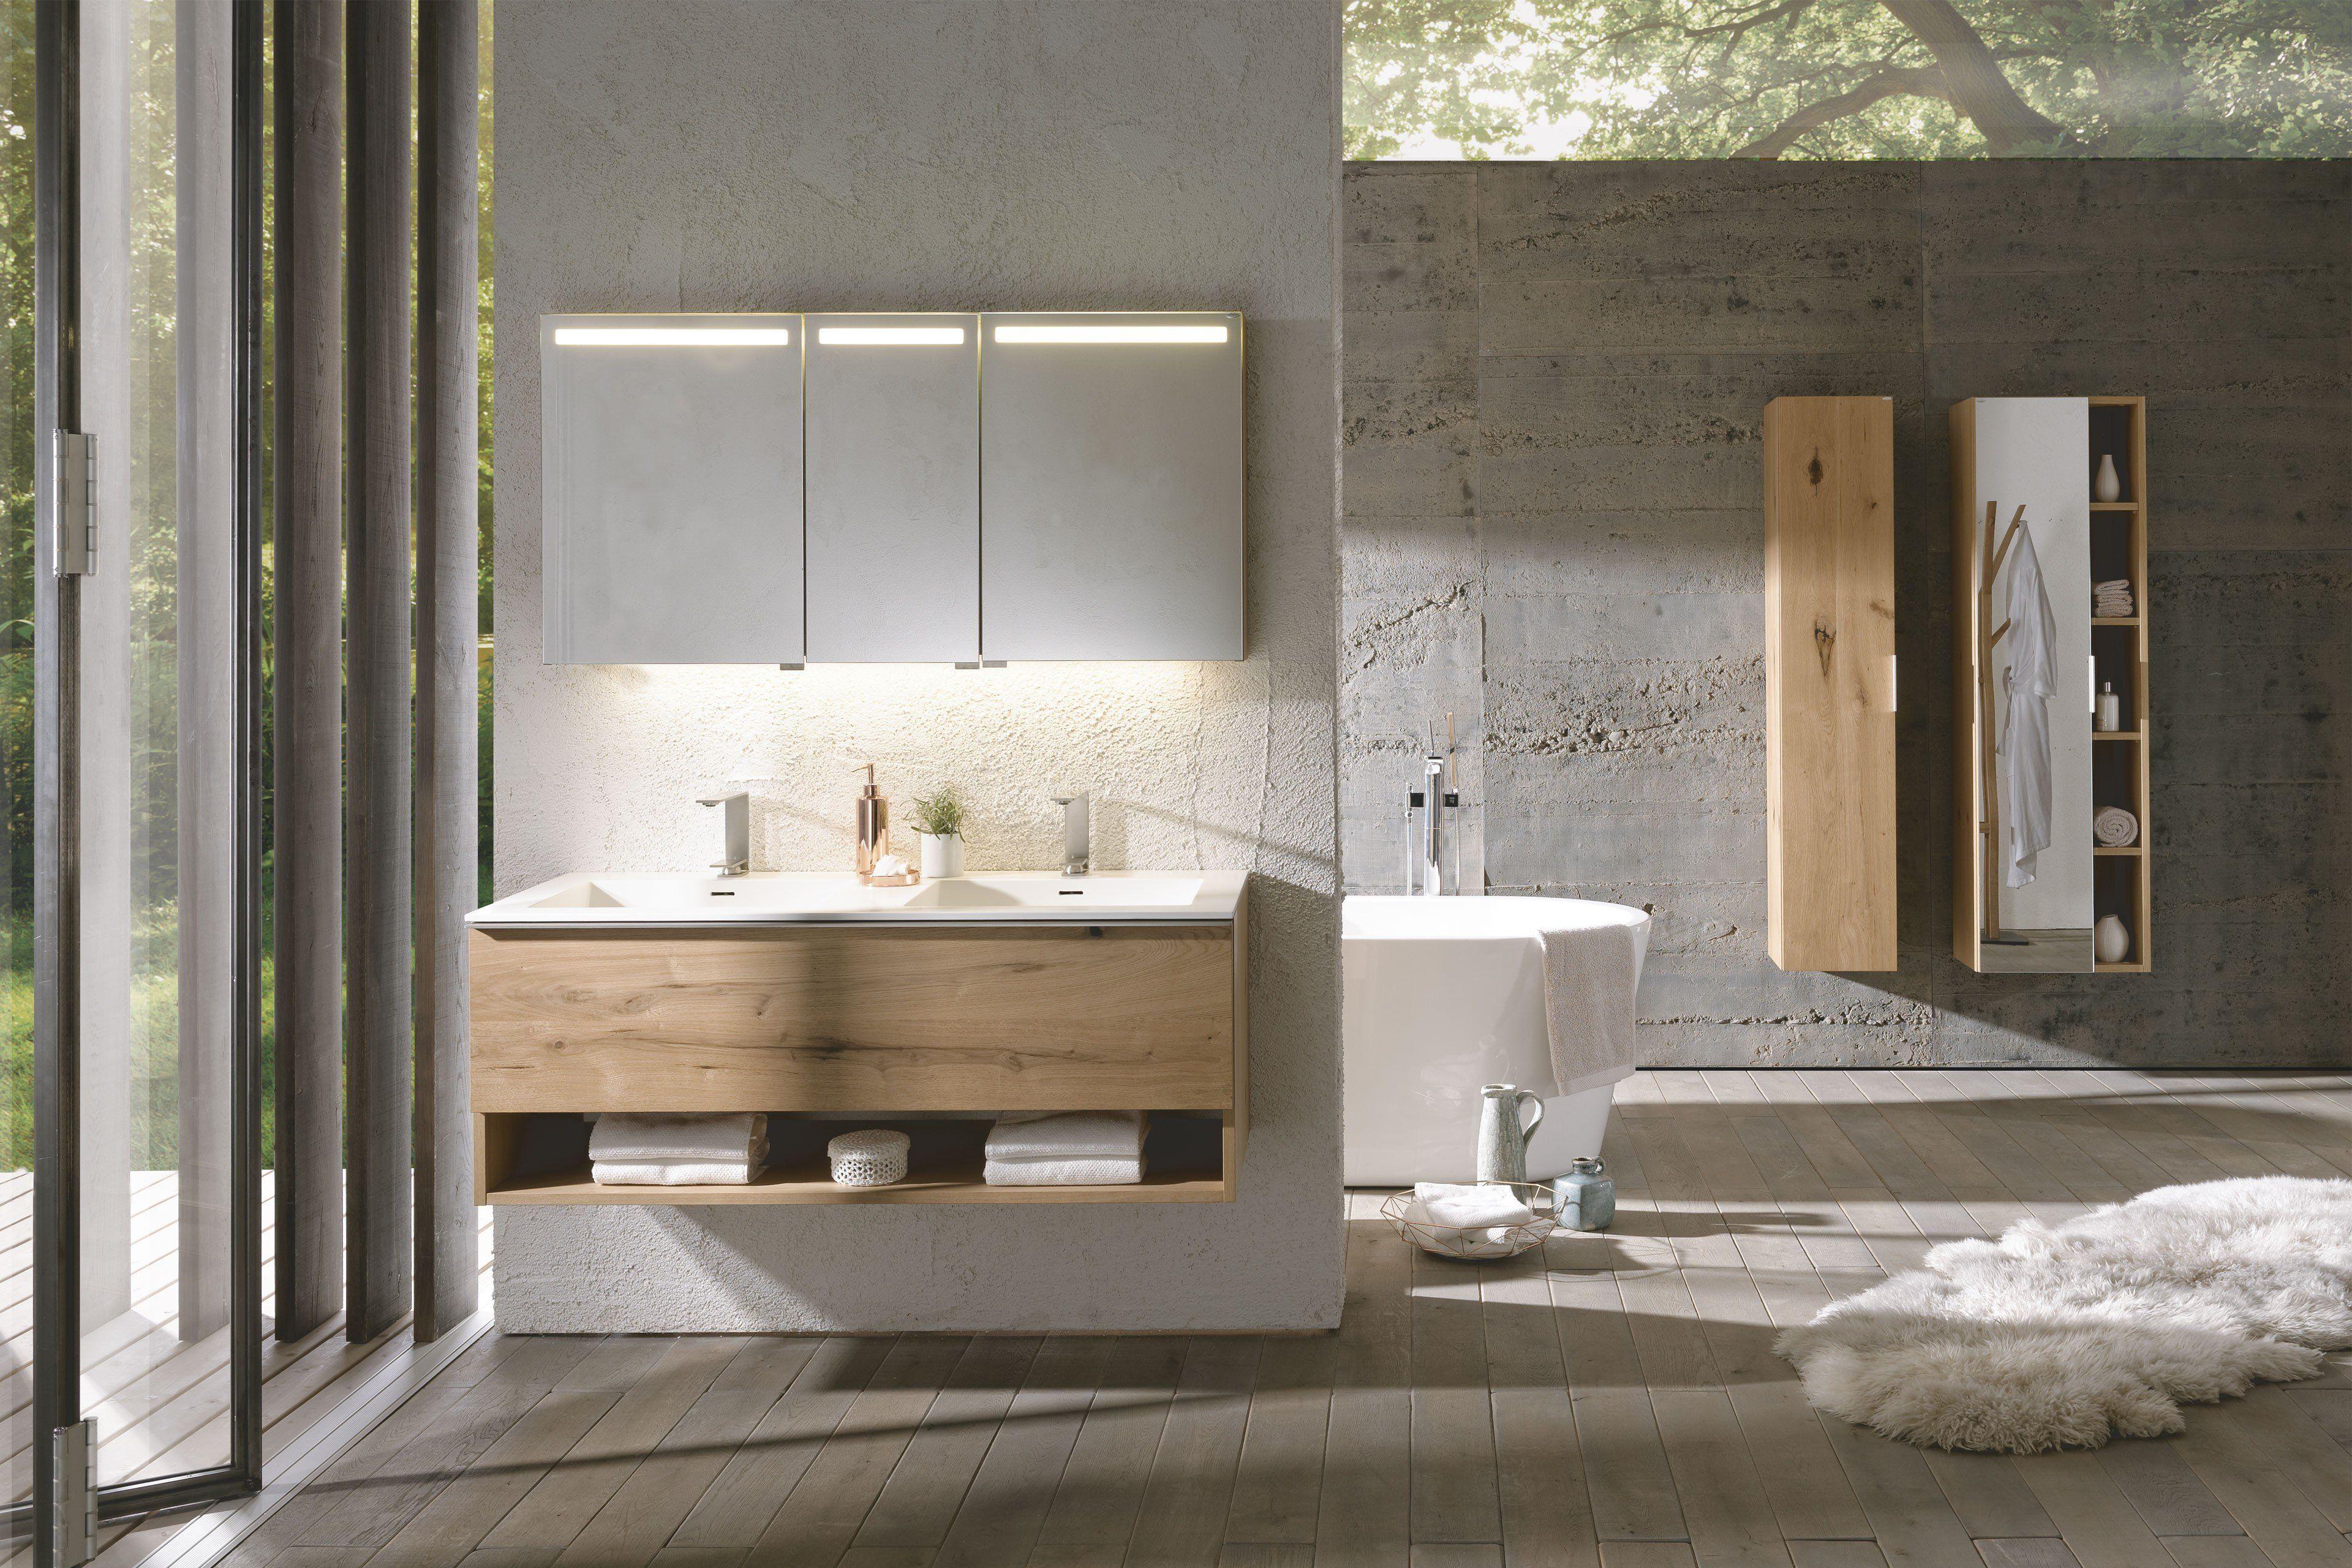 Badezimmer V Alpin Von Voglauer In Alteiche Rustiko Lackiert Mobel Letz Ihr Online Shop Badezimmer Alte Eiche Badezimmer Design